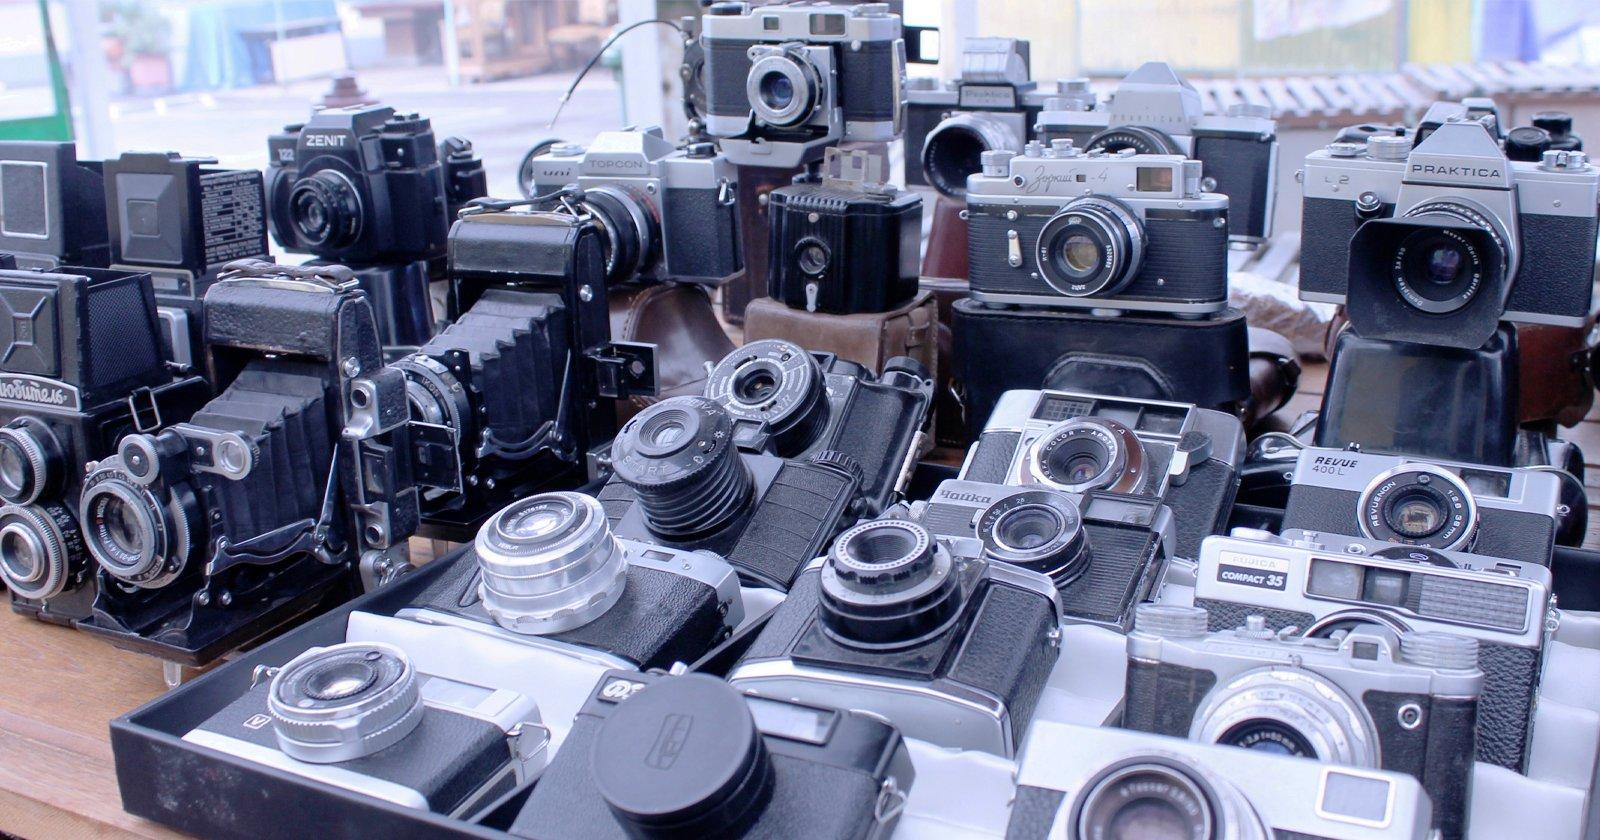 MBP, rivenditore di fotocamere usate, raccoglie 69 milioni di dollari per espandere la propria attività